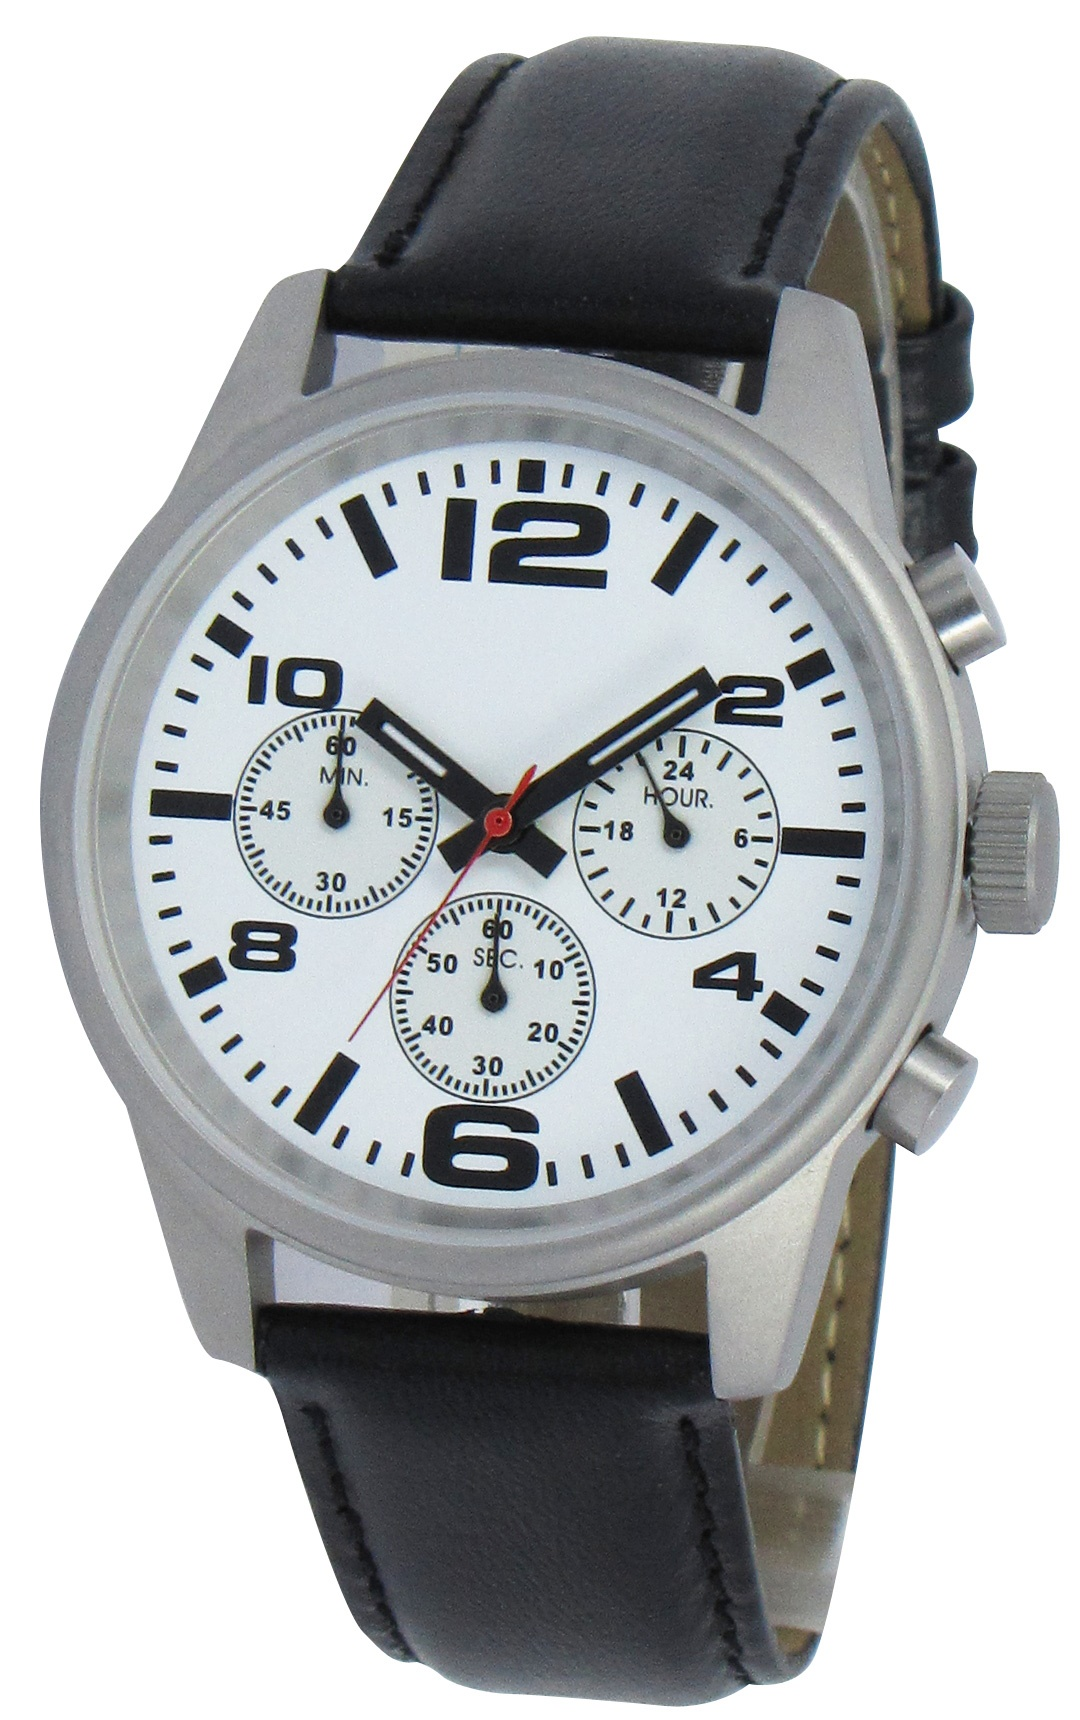 Chronograaf herenhorloge Adelaide wit